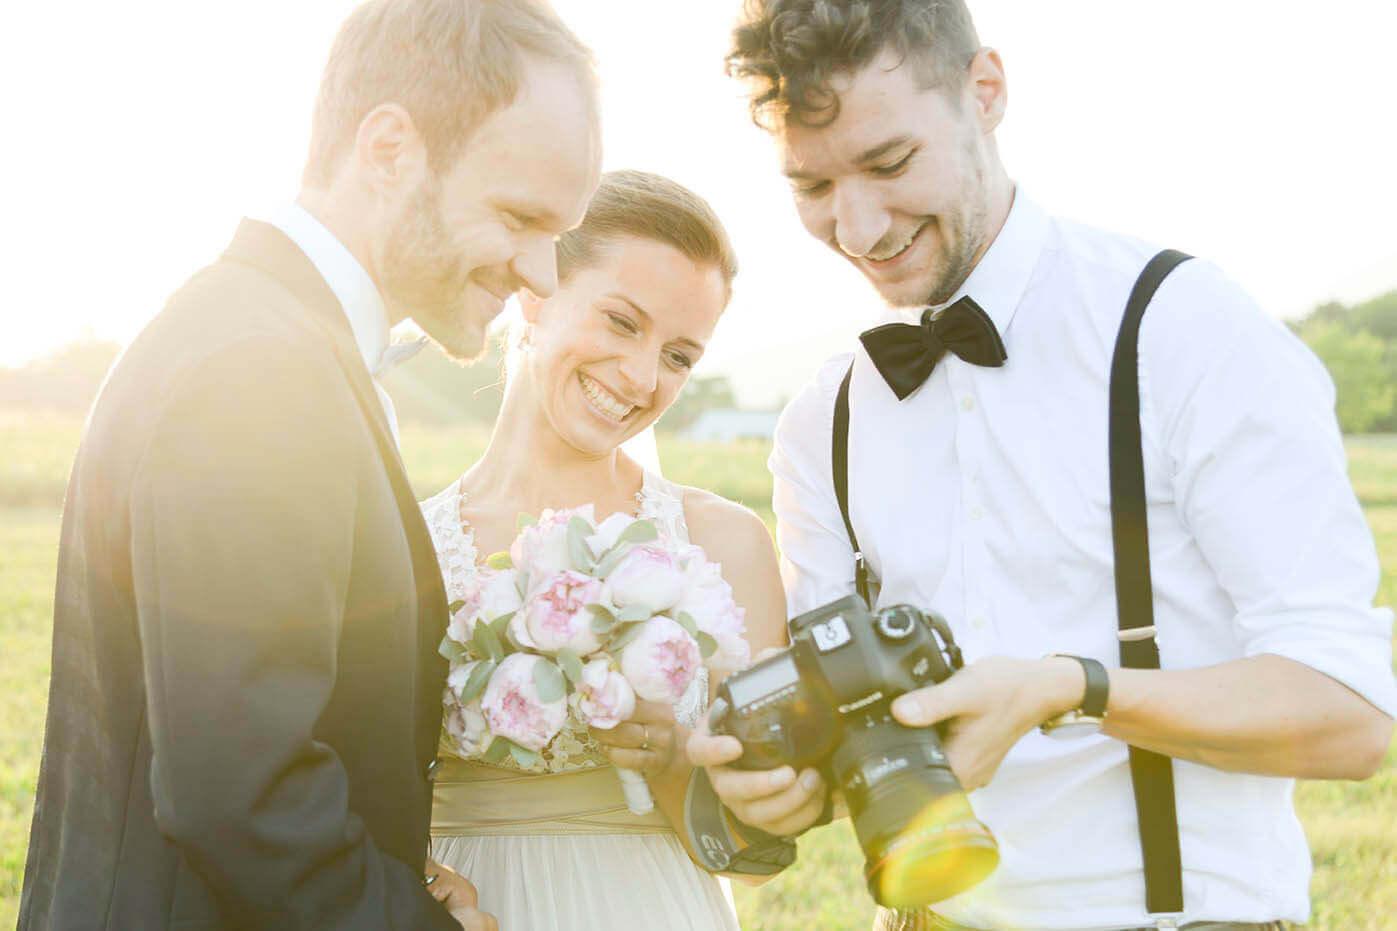 Hochzeitsfotografie, Hochzeitsfotos, Brautfoto, Hochzeitfotograf, Hochzeit, Foto Hochzeit, Hochzeit Foto, Fotograf Hochzeit, Fotograf Brautpaar,